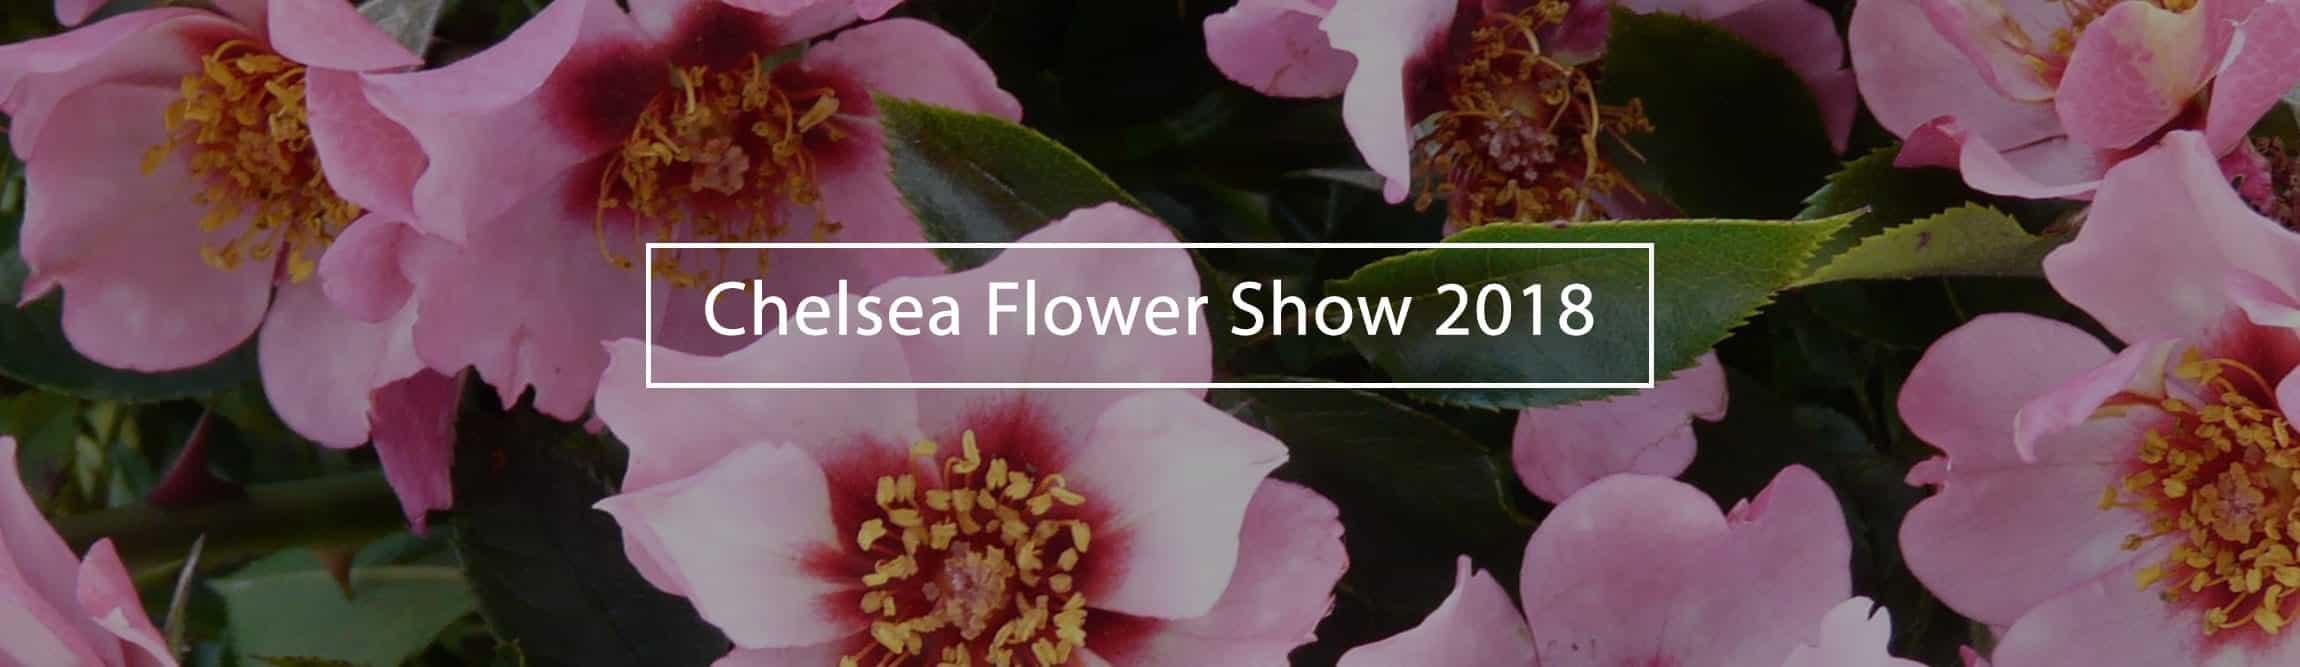 Chelsea-Flower-Show-2018